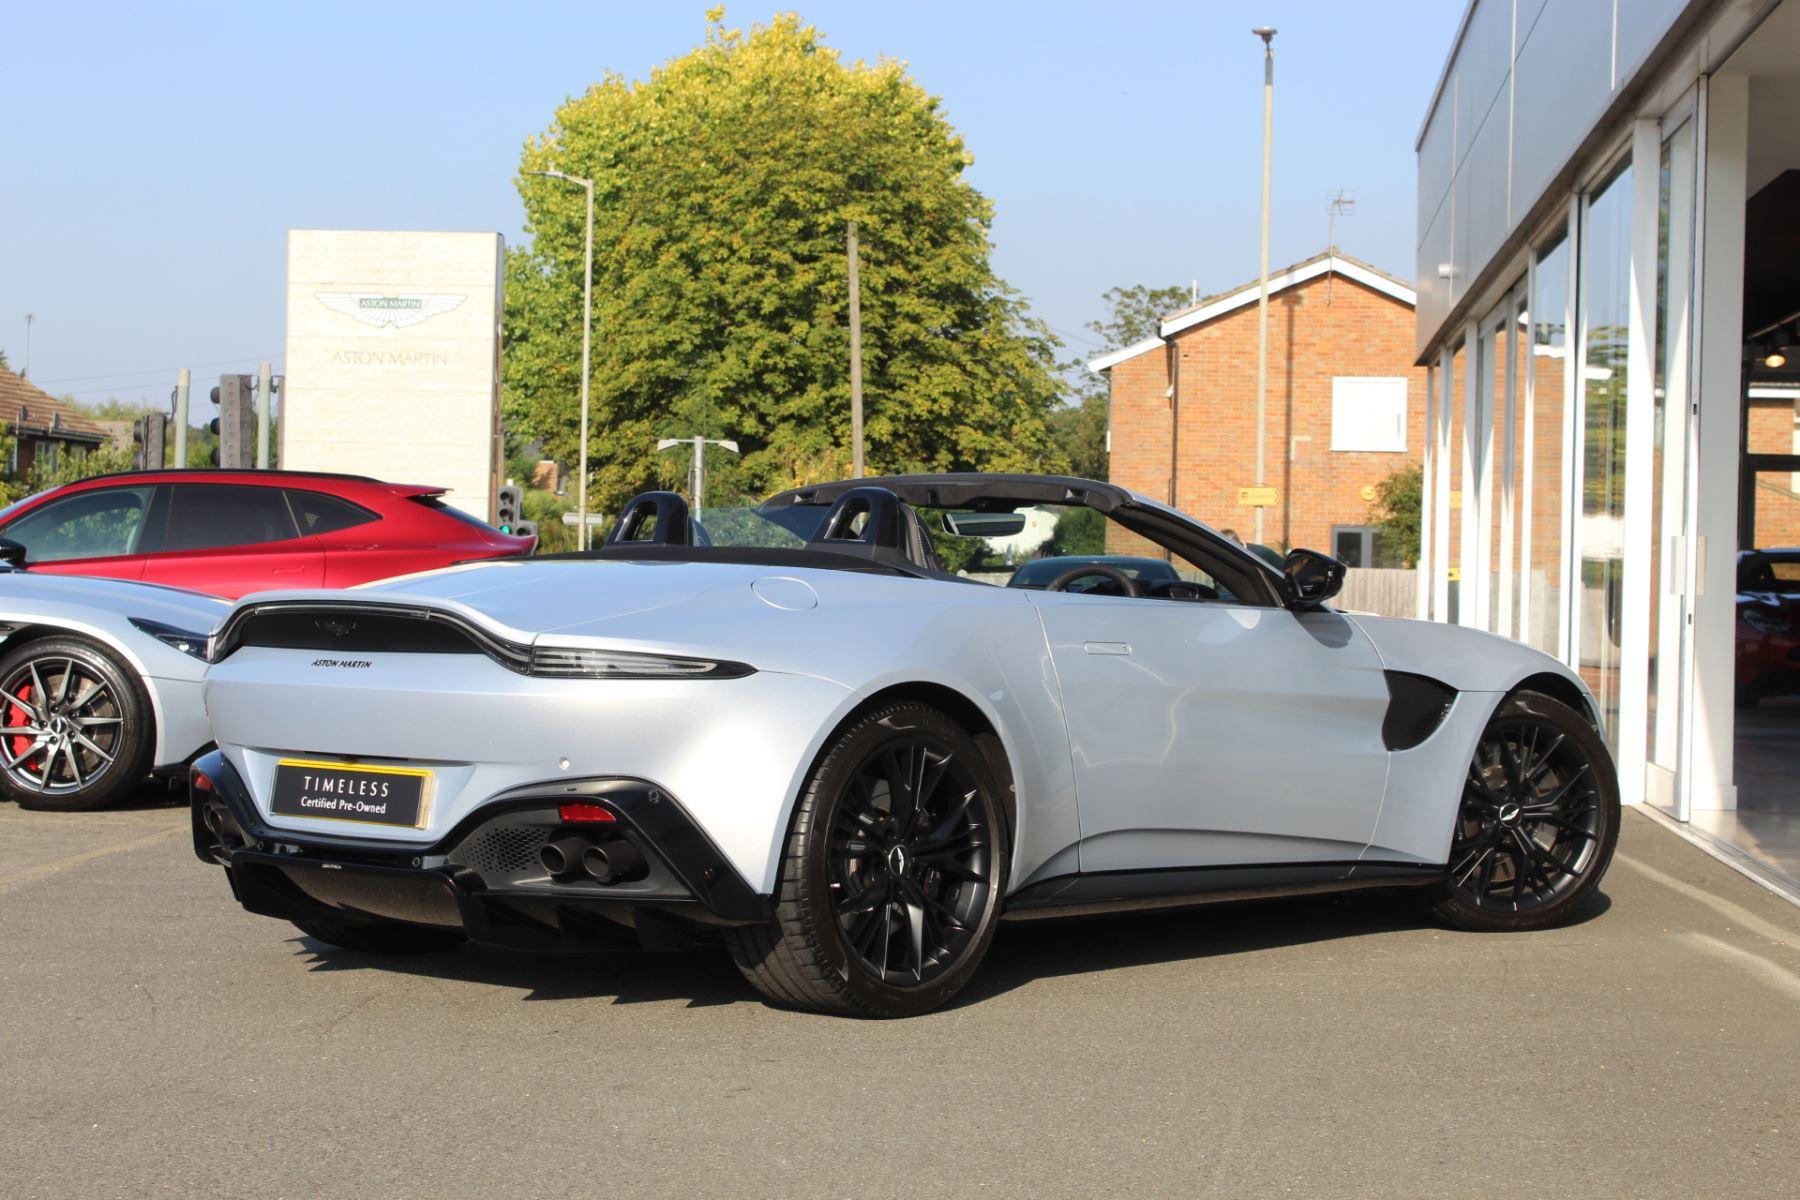 Aston Martin New Vantage Roadster Roadster   1 owner Grange Supplied  image 2